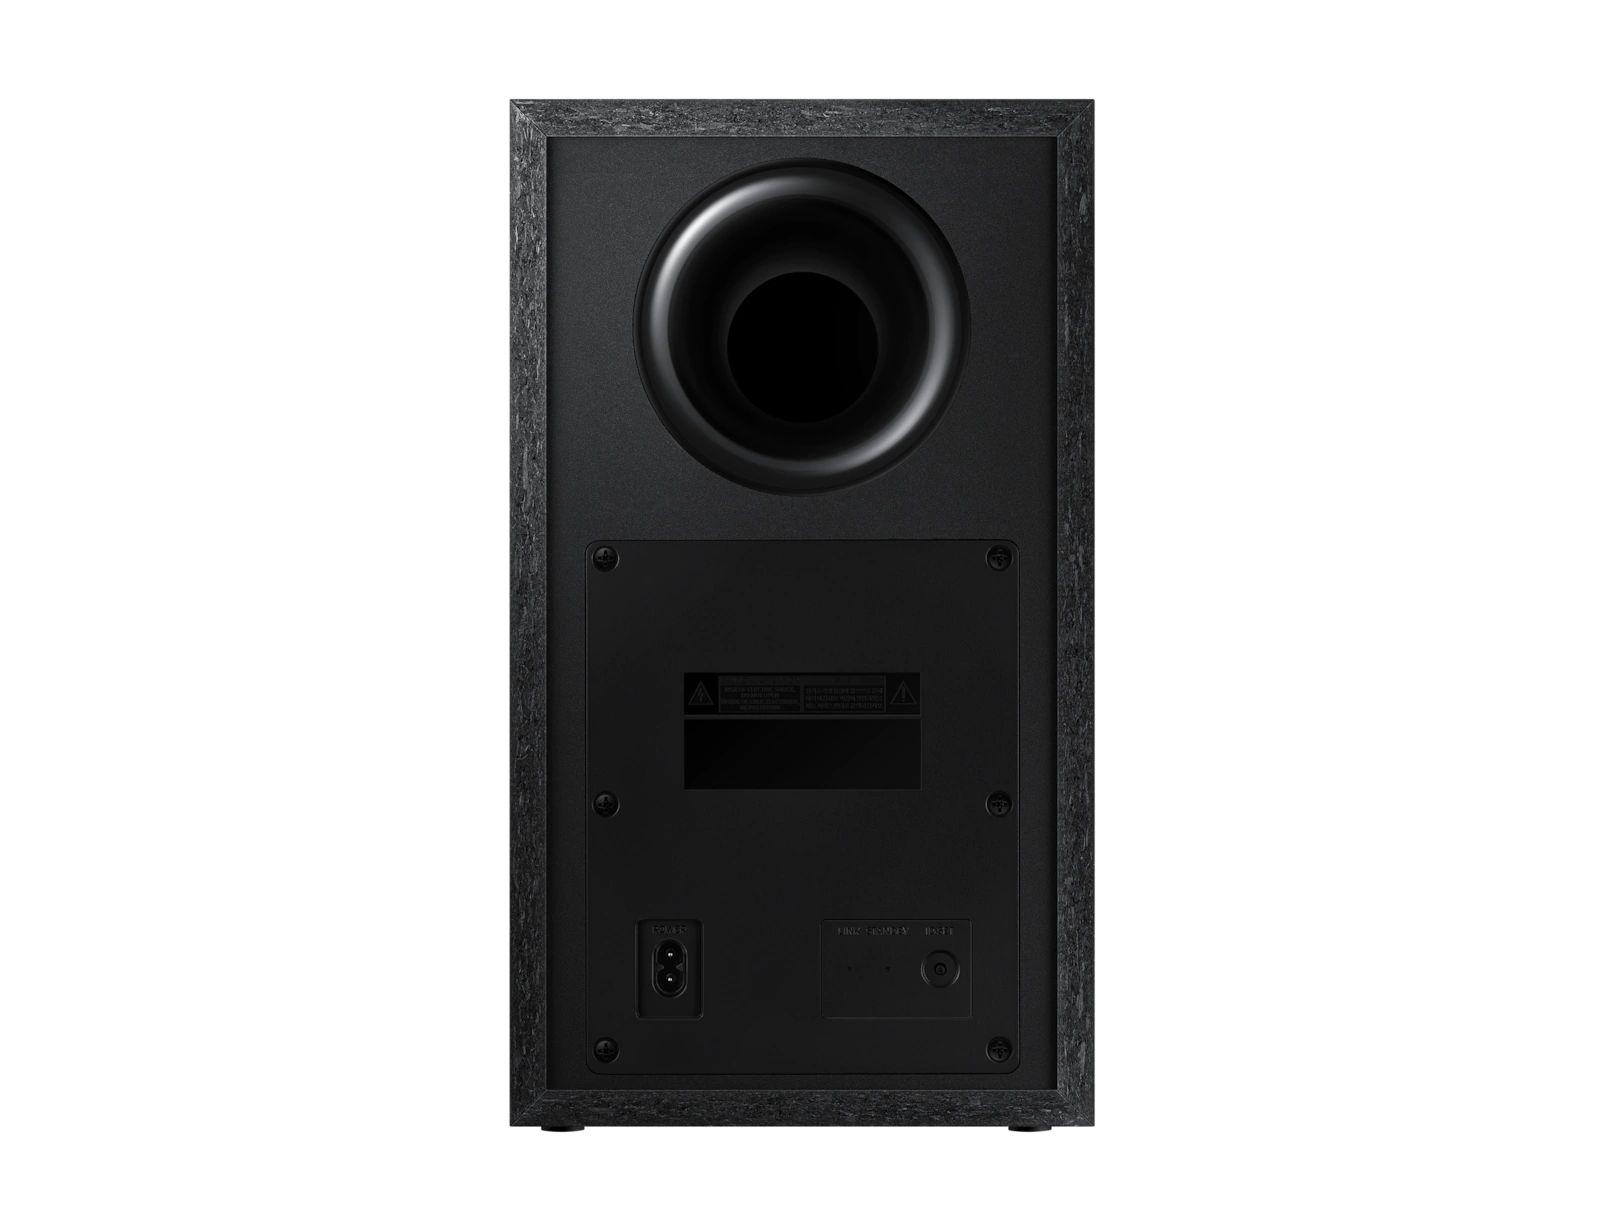 Soundbar Samsung HW-T550 com 2.1 canais, Bluetooth, Subwoofer sem fio e DTS Virtual:X - 320W